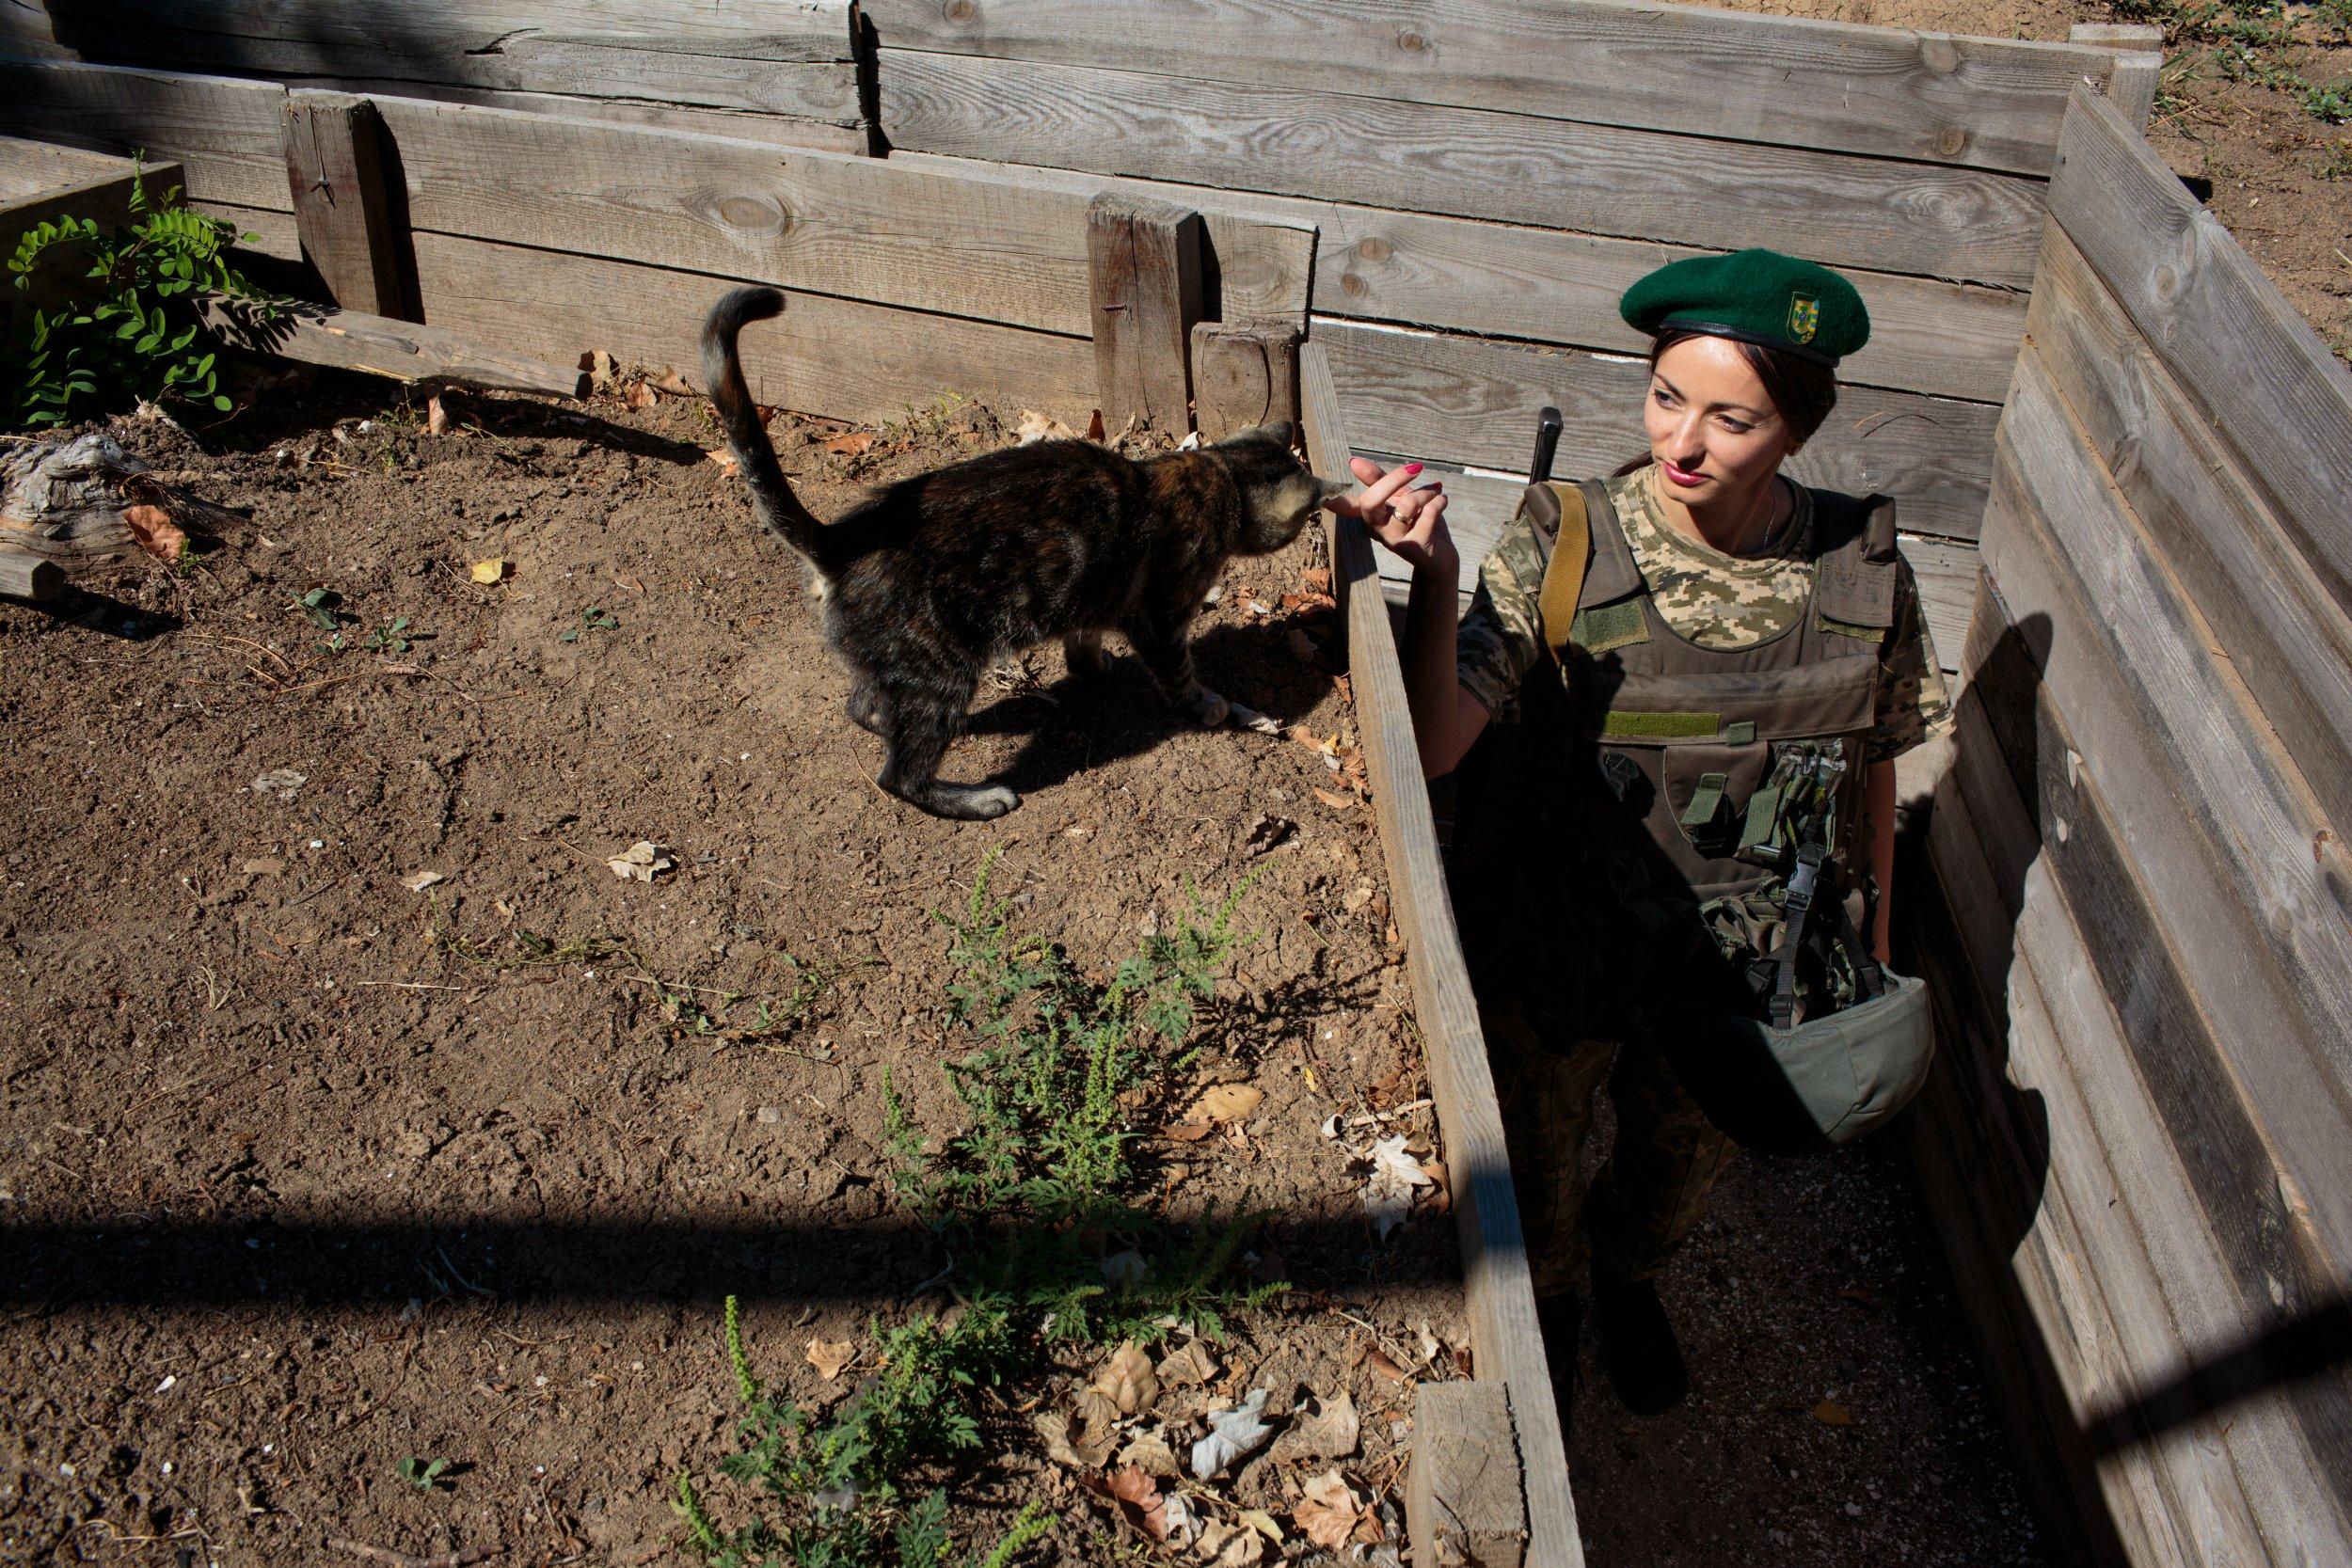 Ukraine female fighter